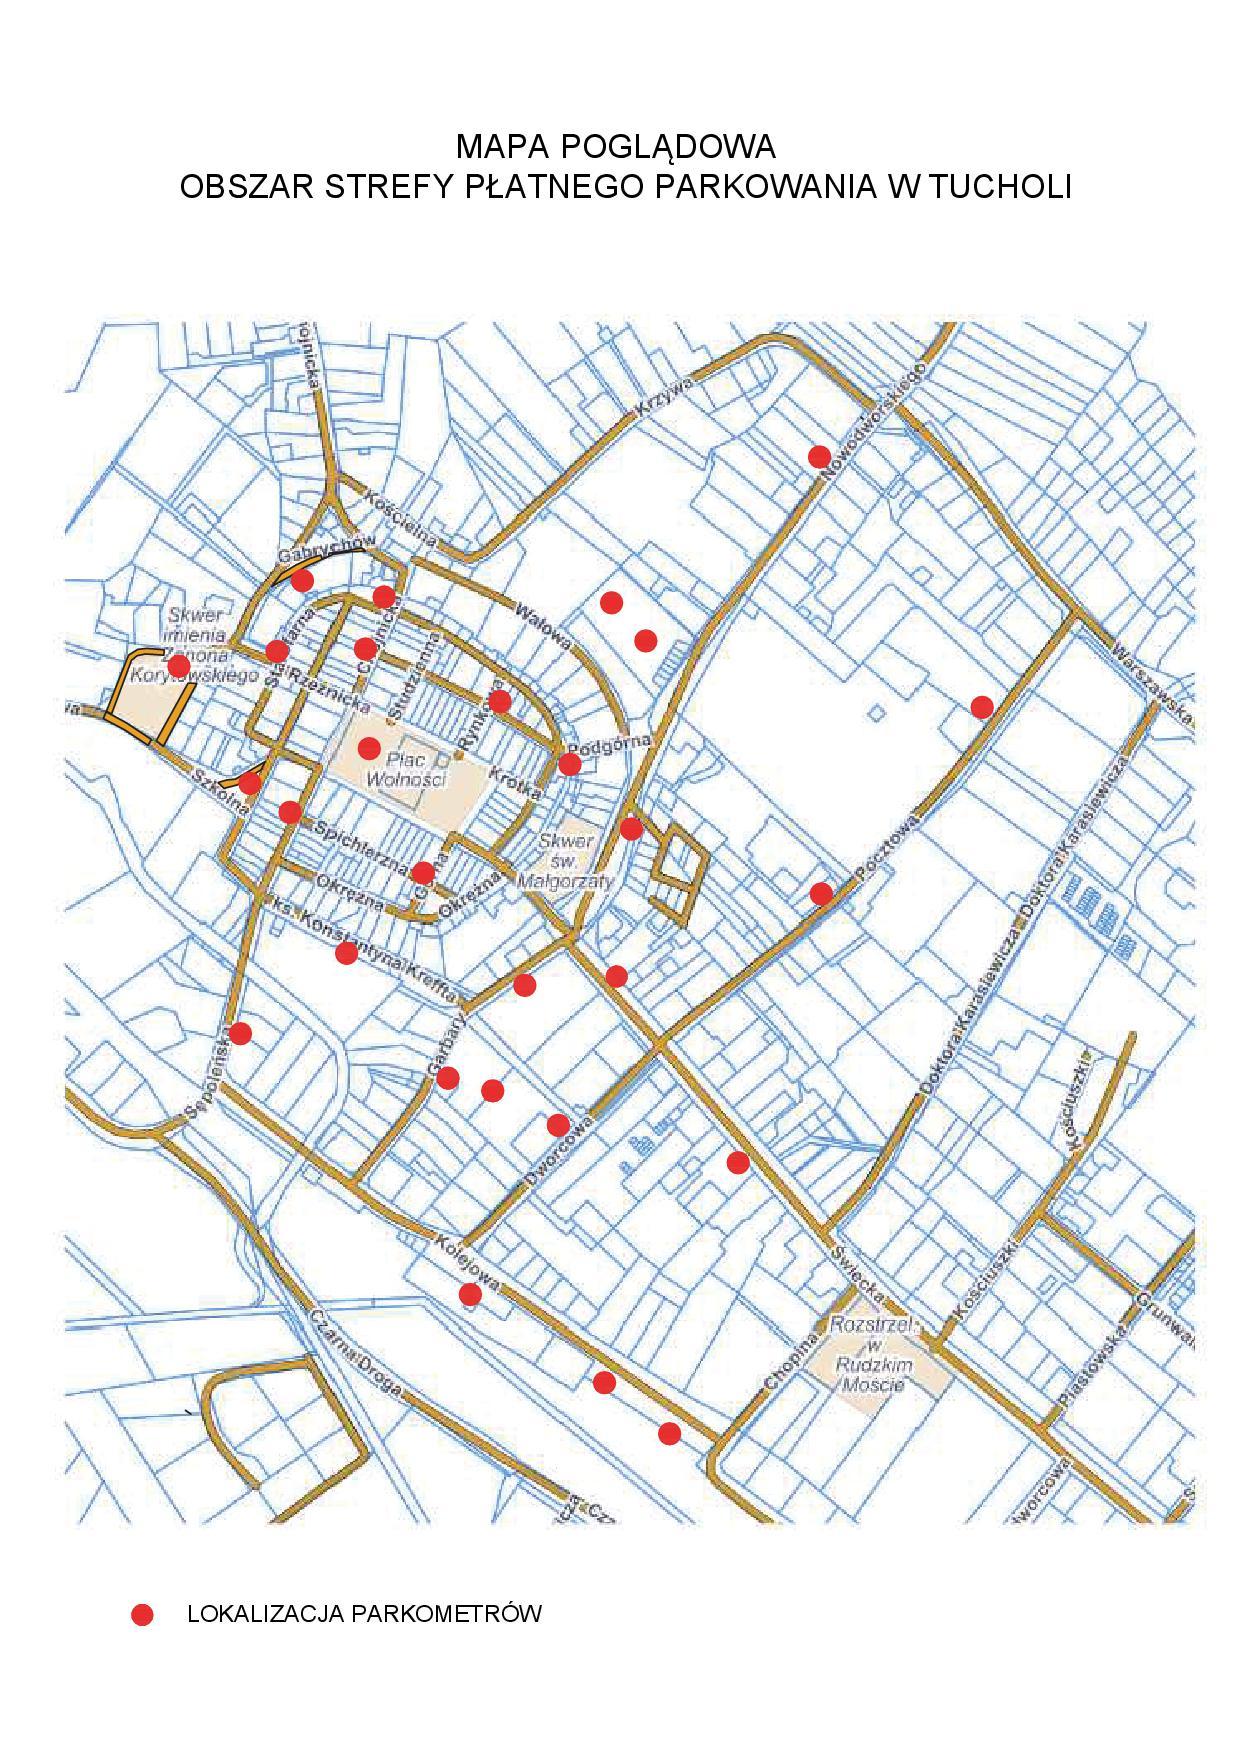 Mapa poglądowa - obszar Strefy Płatnego Parkowania w Tucholi